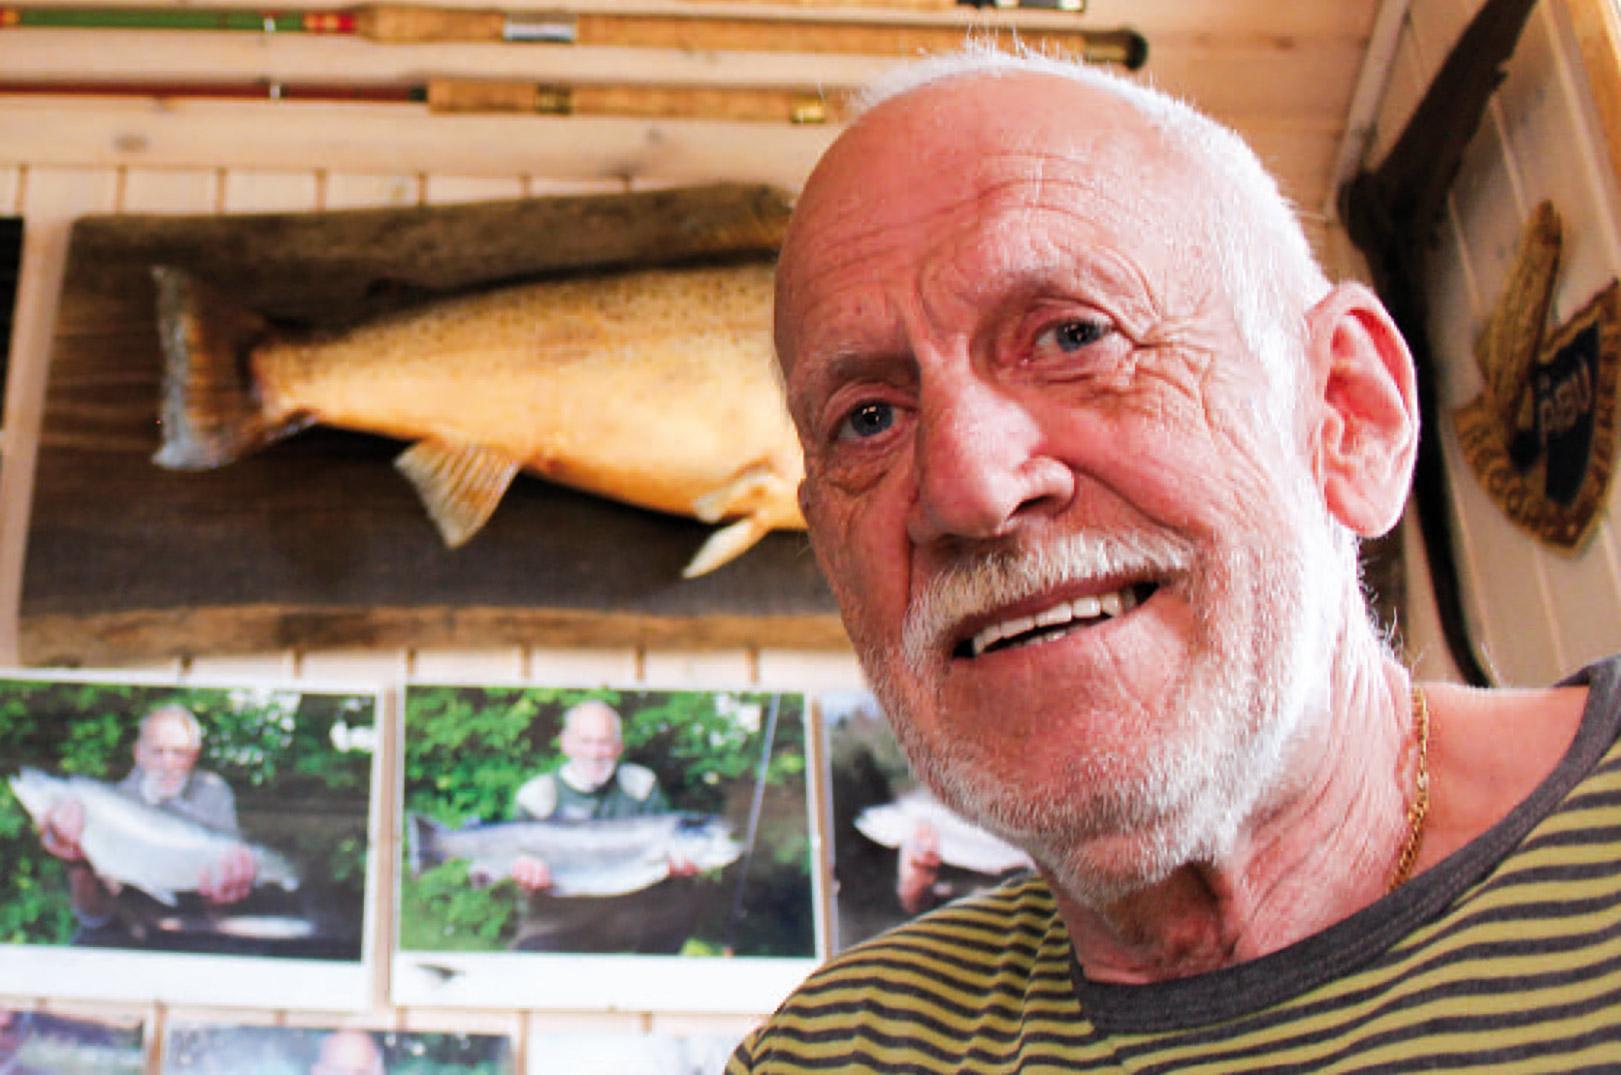 Et besøg i Flemmings fiskehule risikerer at give både fiskefeber og mindreværdskomplekser på samme tid.